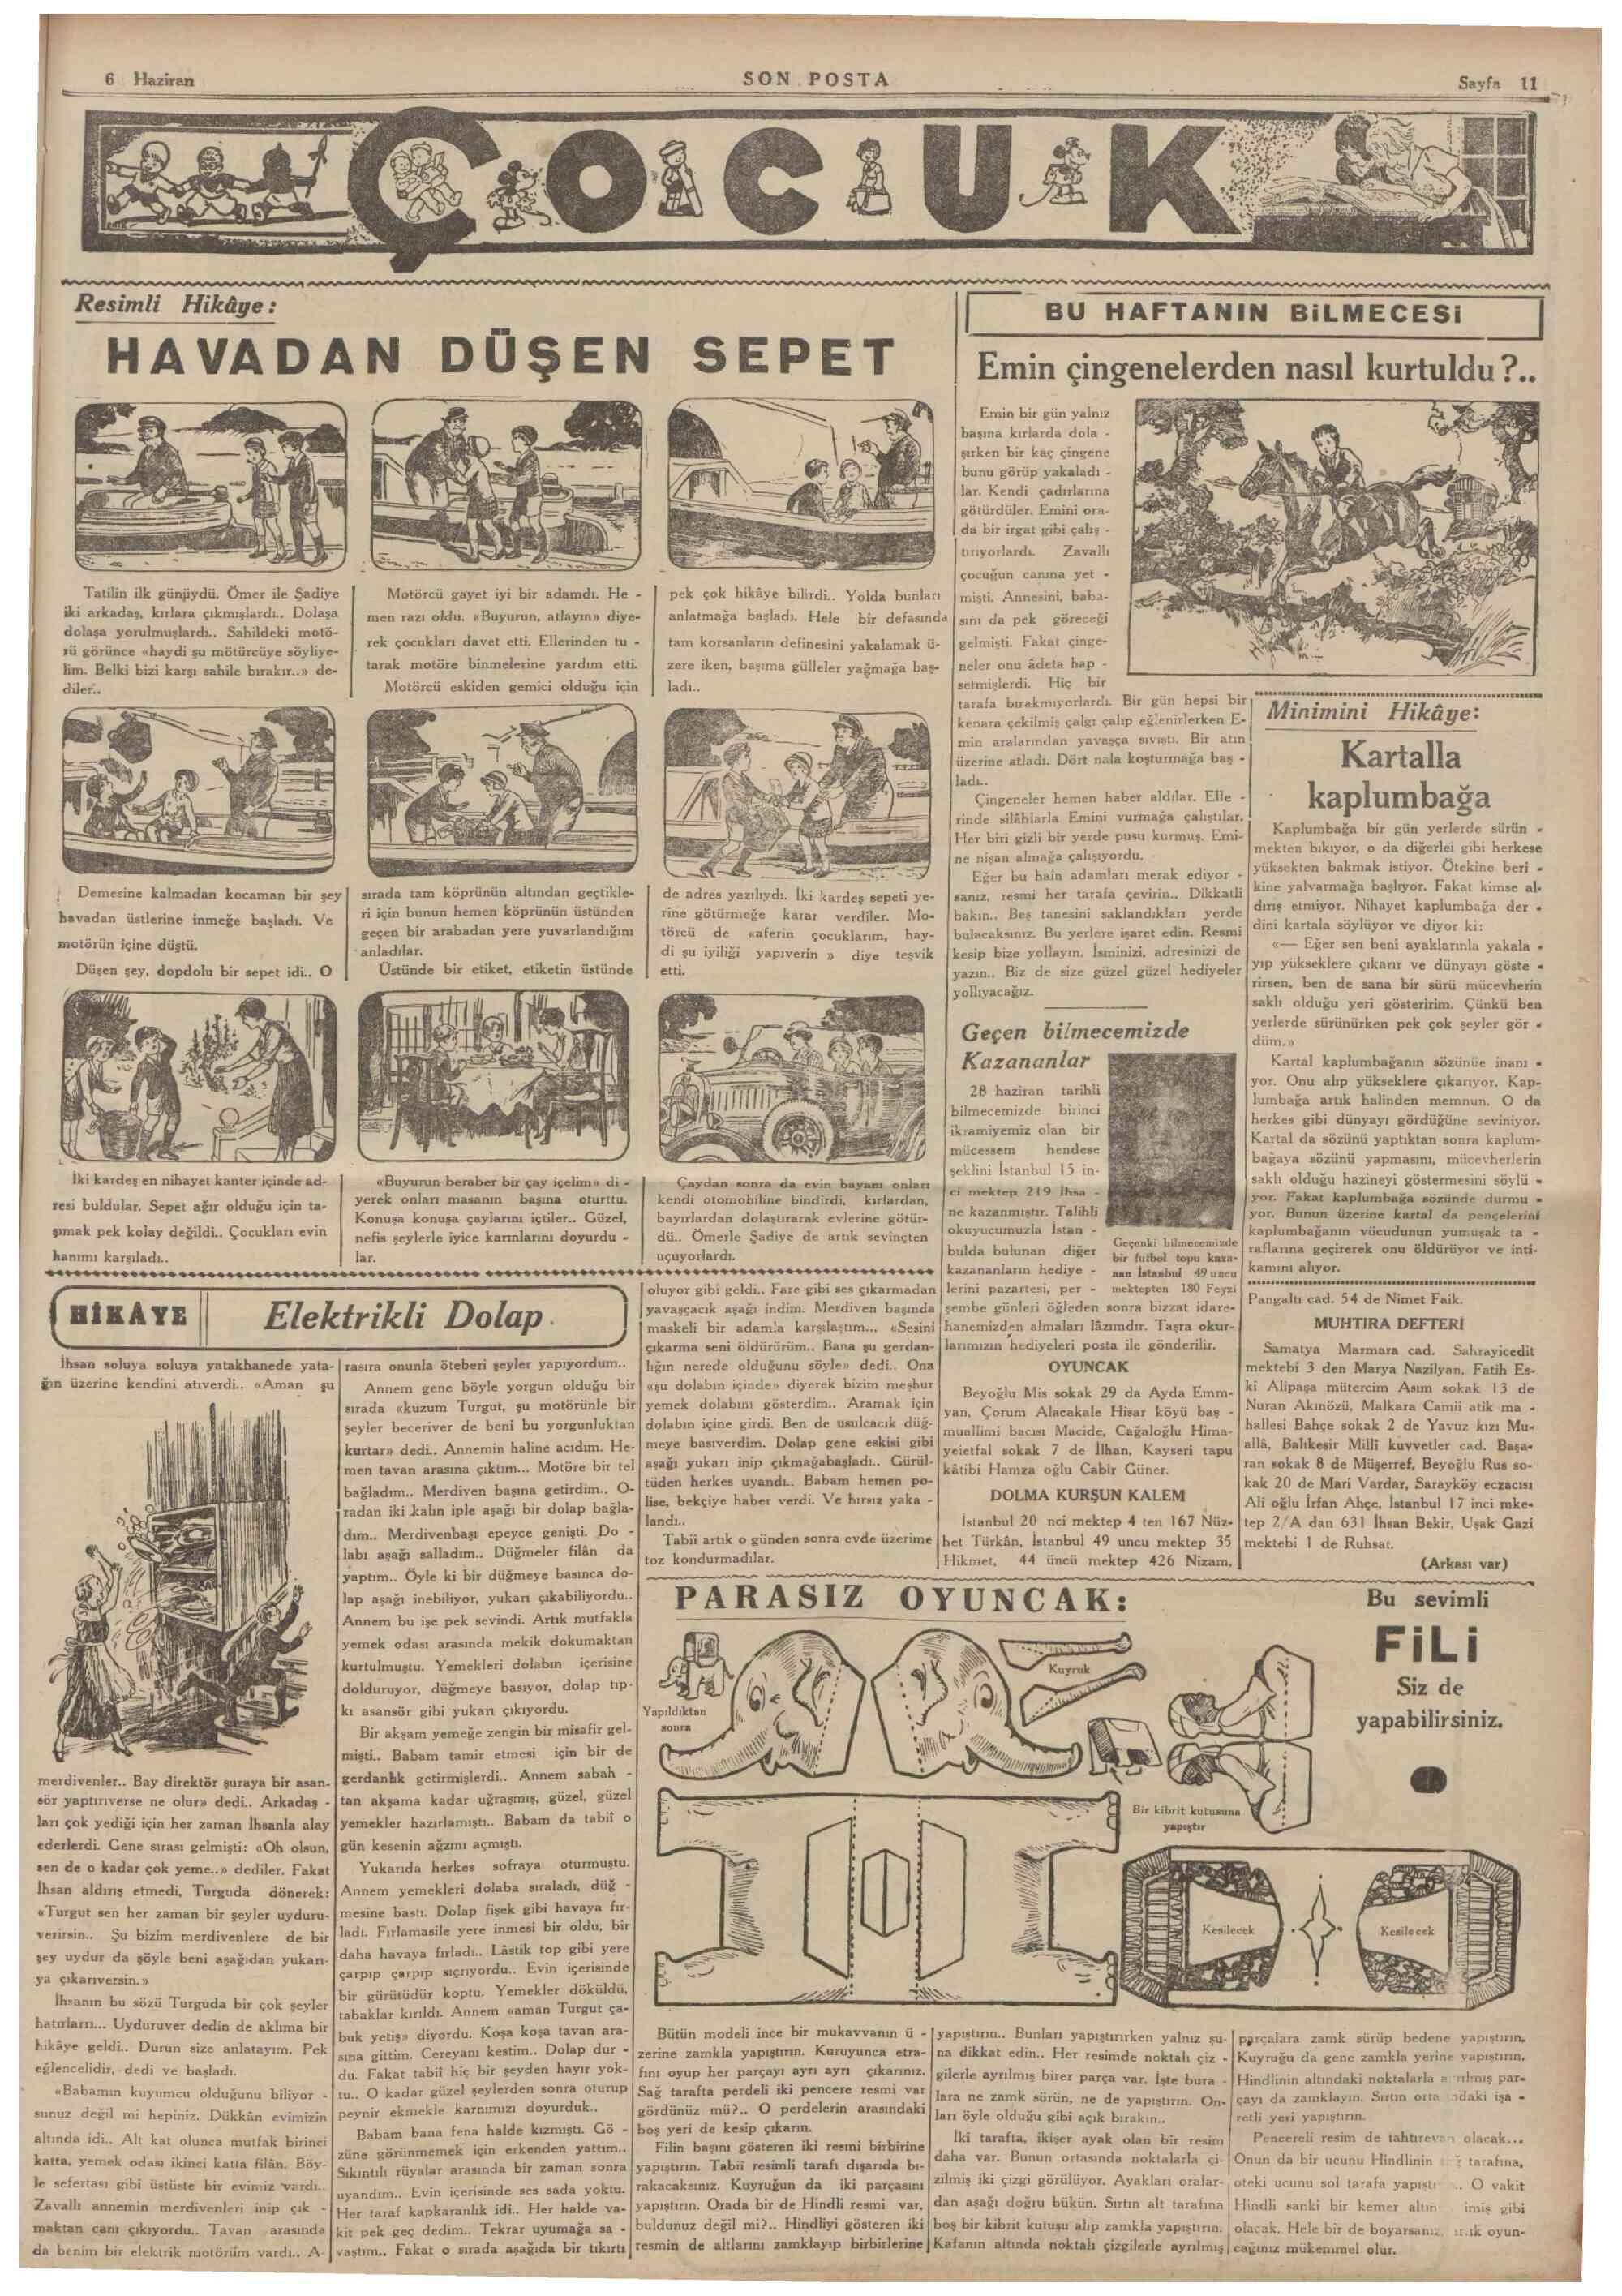 6 Haziran 1936 Tarihli Son Posta Gazetesi Sayfa 11